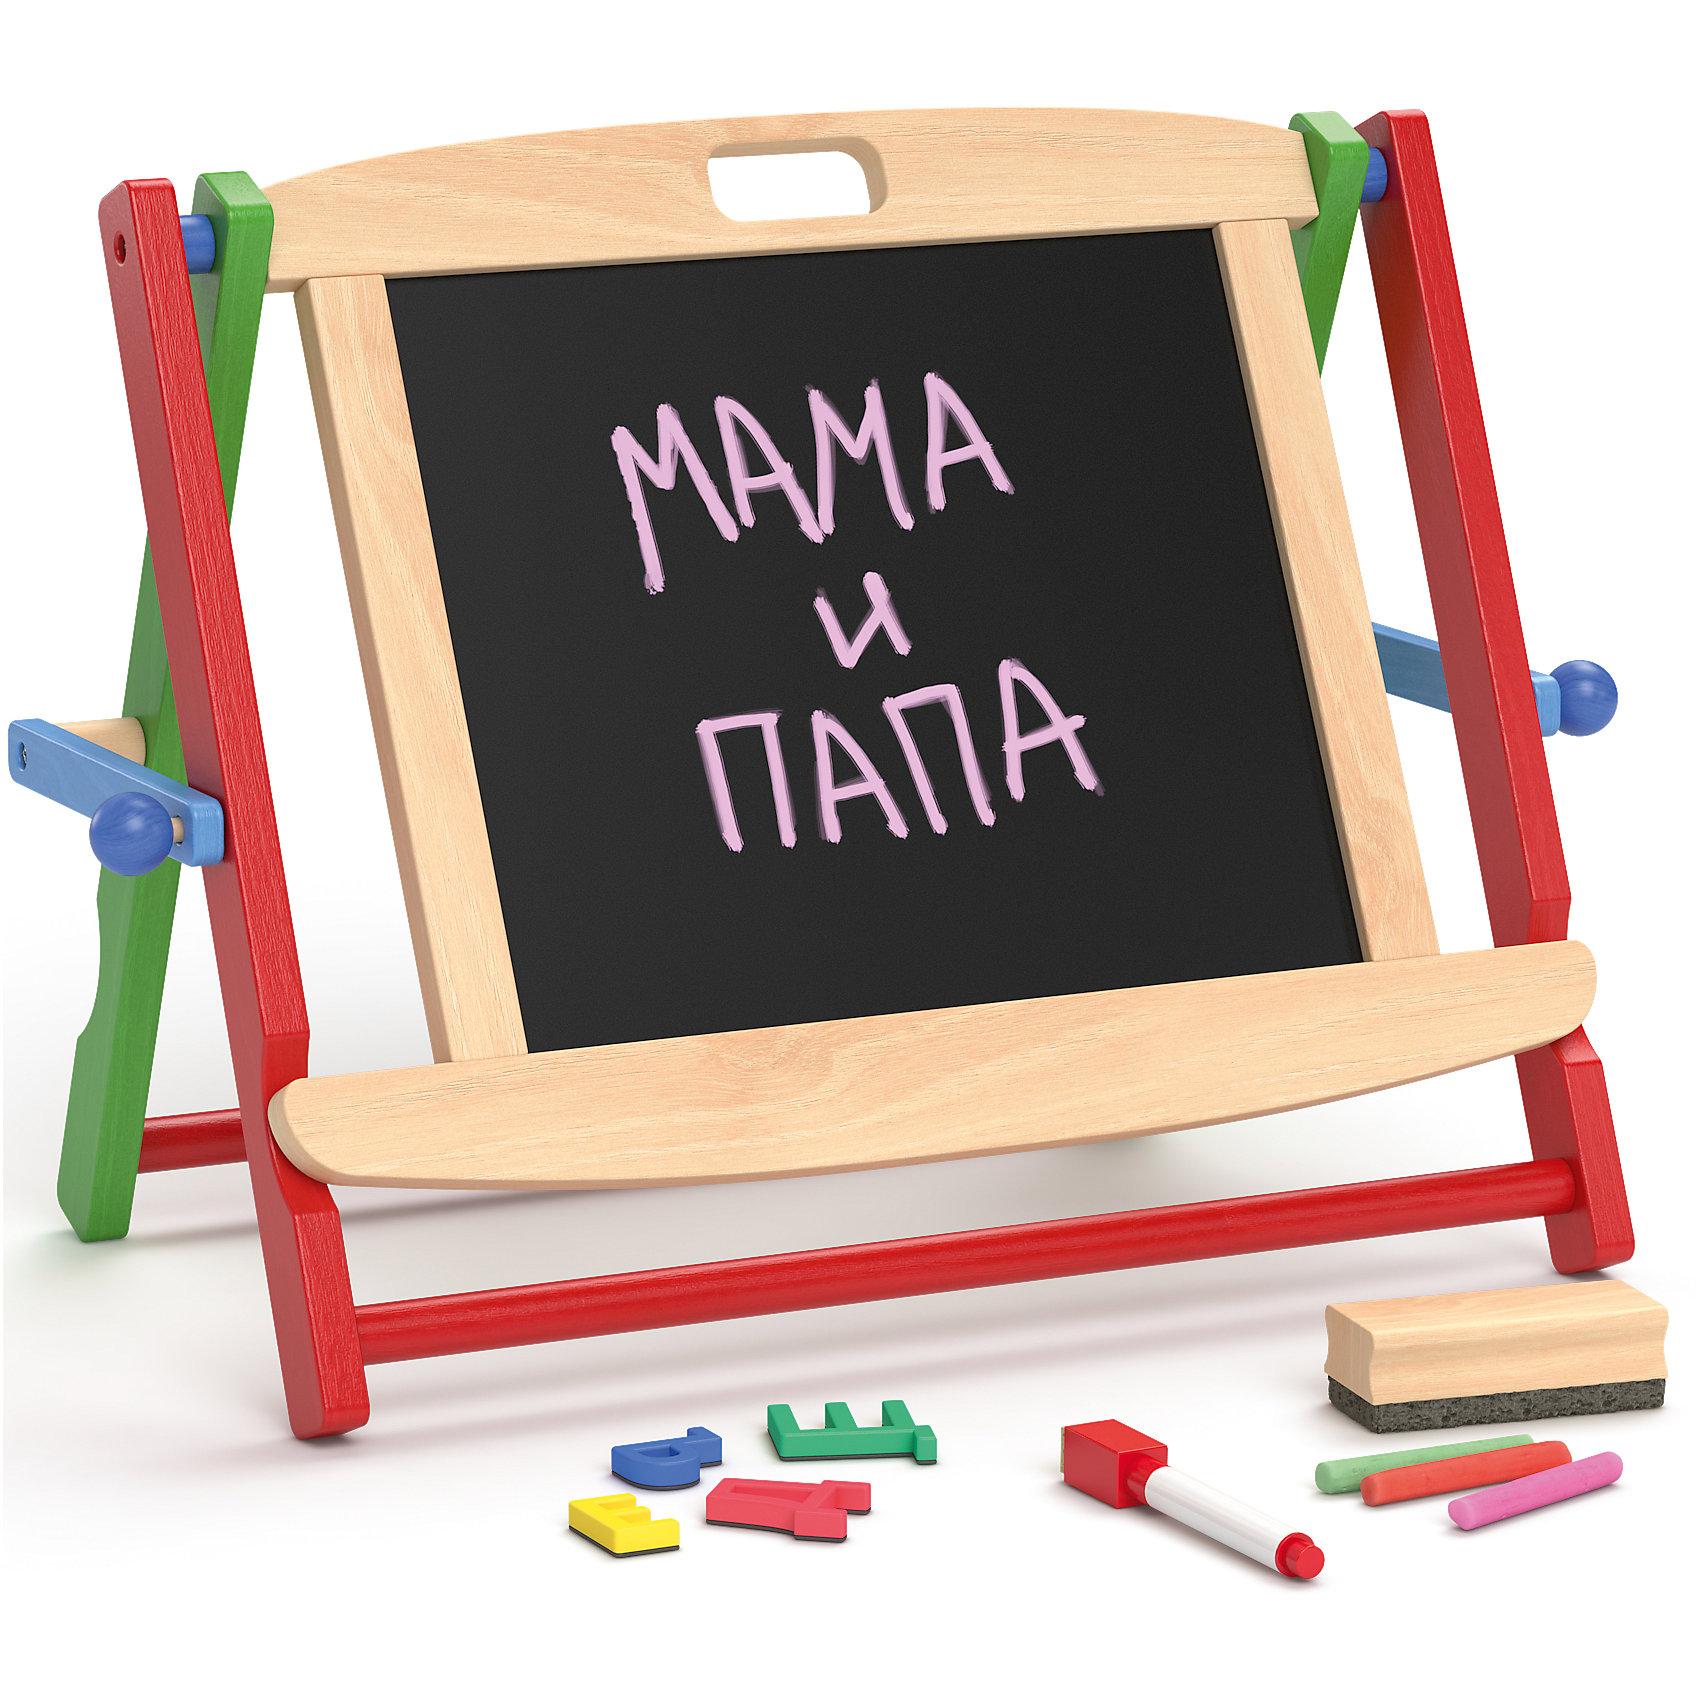 Школьная доска настольная, Мир деревянных игрушекИзучать буквы, цифры, чтение и счет можно дома! Поможет в этом специальная доска. Для дошколят разработаны такие наборы, с мелками, маркером и набором магнитных букв. Одна сторона - для мелков, вторая - магнитная. Доска легко складывается, не занимает много места.<br>С её помощью малыш будет запоминать алфавит, учиться писать и считать, рисовать, развивать пространственное мышление, память и мелкую моторику. Этот набор произведен из качественных и безопасных для детей материалов.<br><br>Дополнительная информация:<br><br>цвет: разноцветный;<br>материал: полимер, дерево;<br>комплектация: доска, мелки, маркер на водной основе, губка для стирания, набор магнитных букв;<br>размер: 50 х 40 х 9 см.<br><br>Школьную доску настольную от бренда Мир деревянных игрушек можно купить в нашем магазине.<br><br>Ширина мм: 400<br>Глубина мм: 950<br>Высота мм: 390<br>Вес г: 1800<br>Возраст от месяцев: 36<br>Возраст до месяцев: 72<br>Пол: Унисекс<br>Возраст: Детский<br>SKU: 4969273